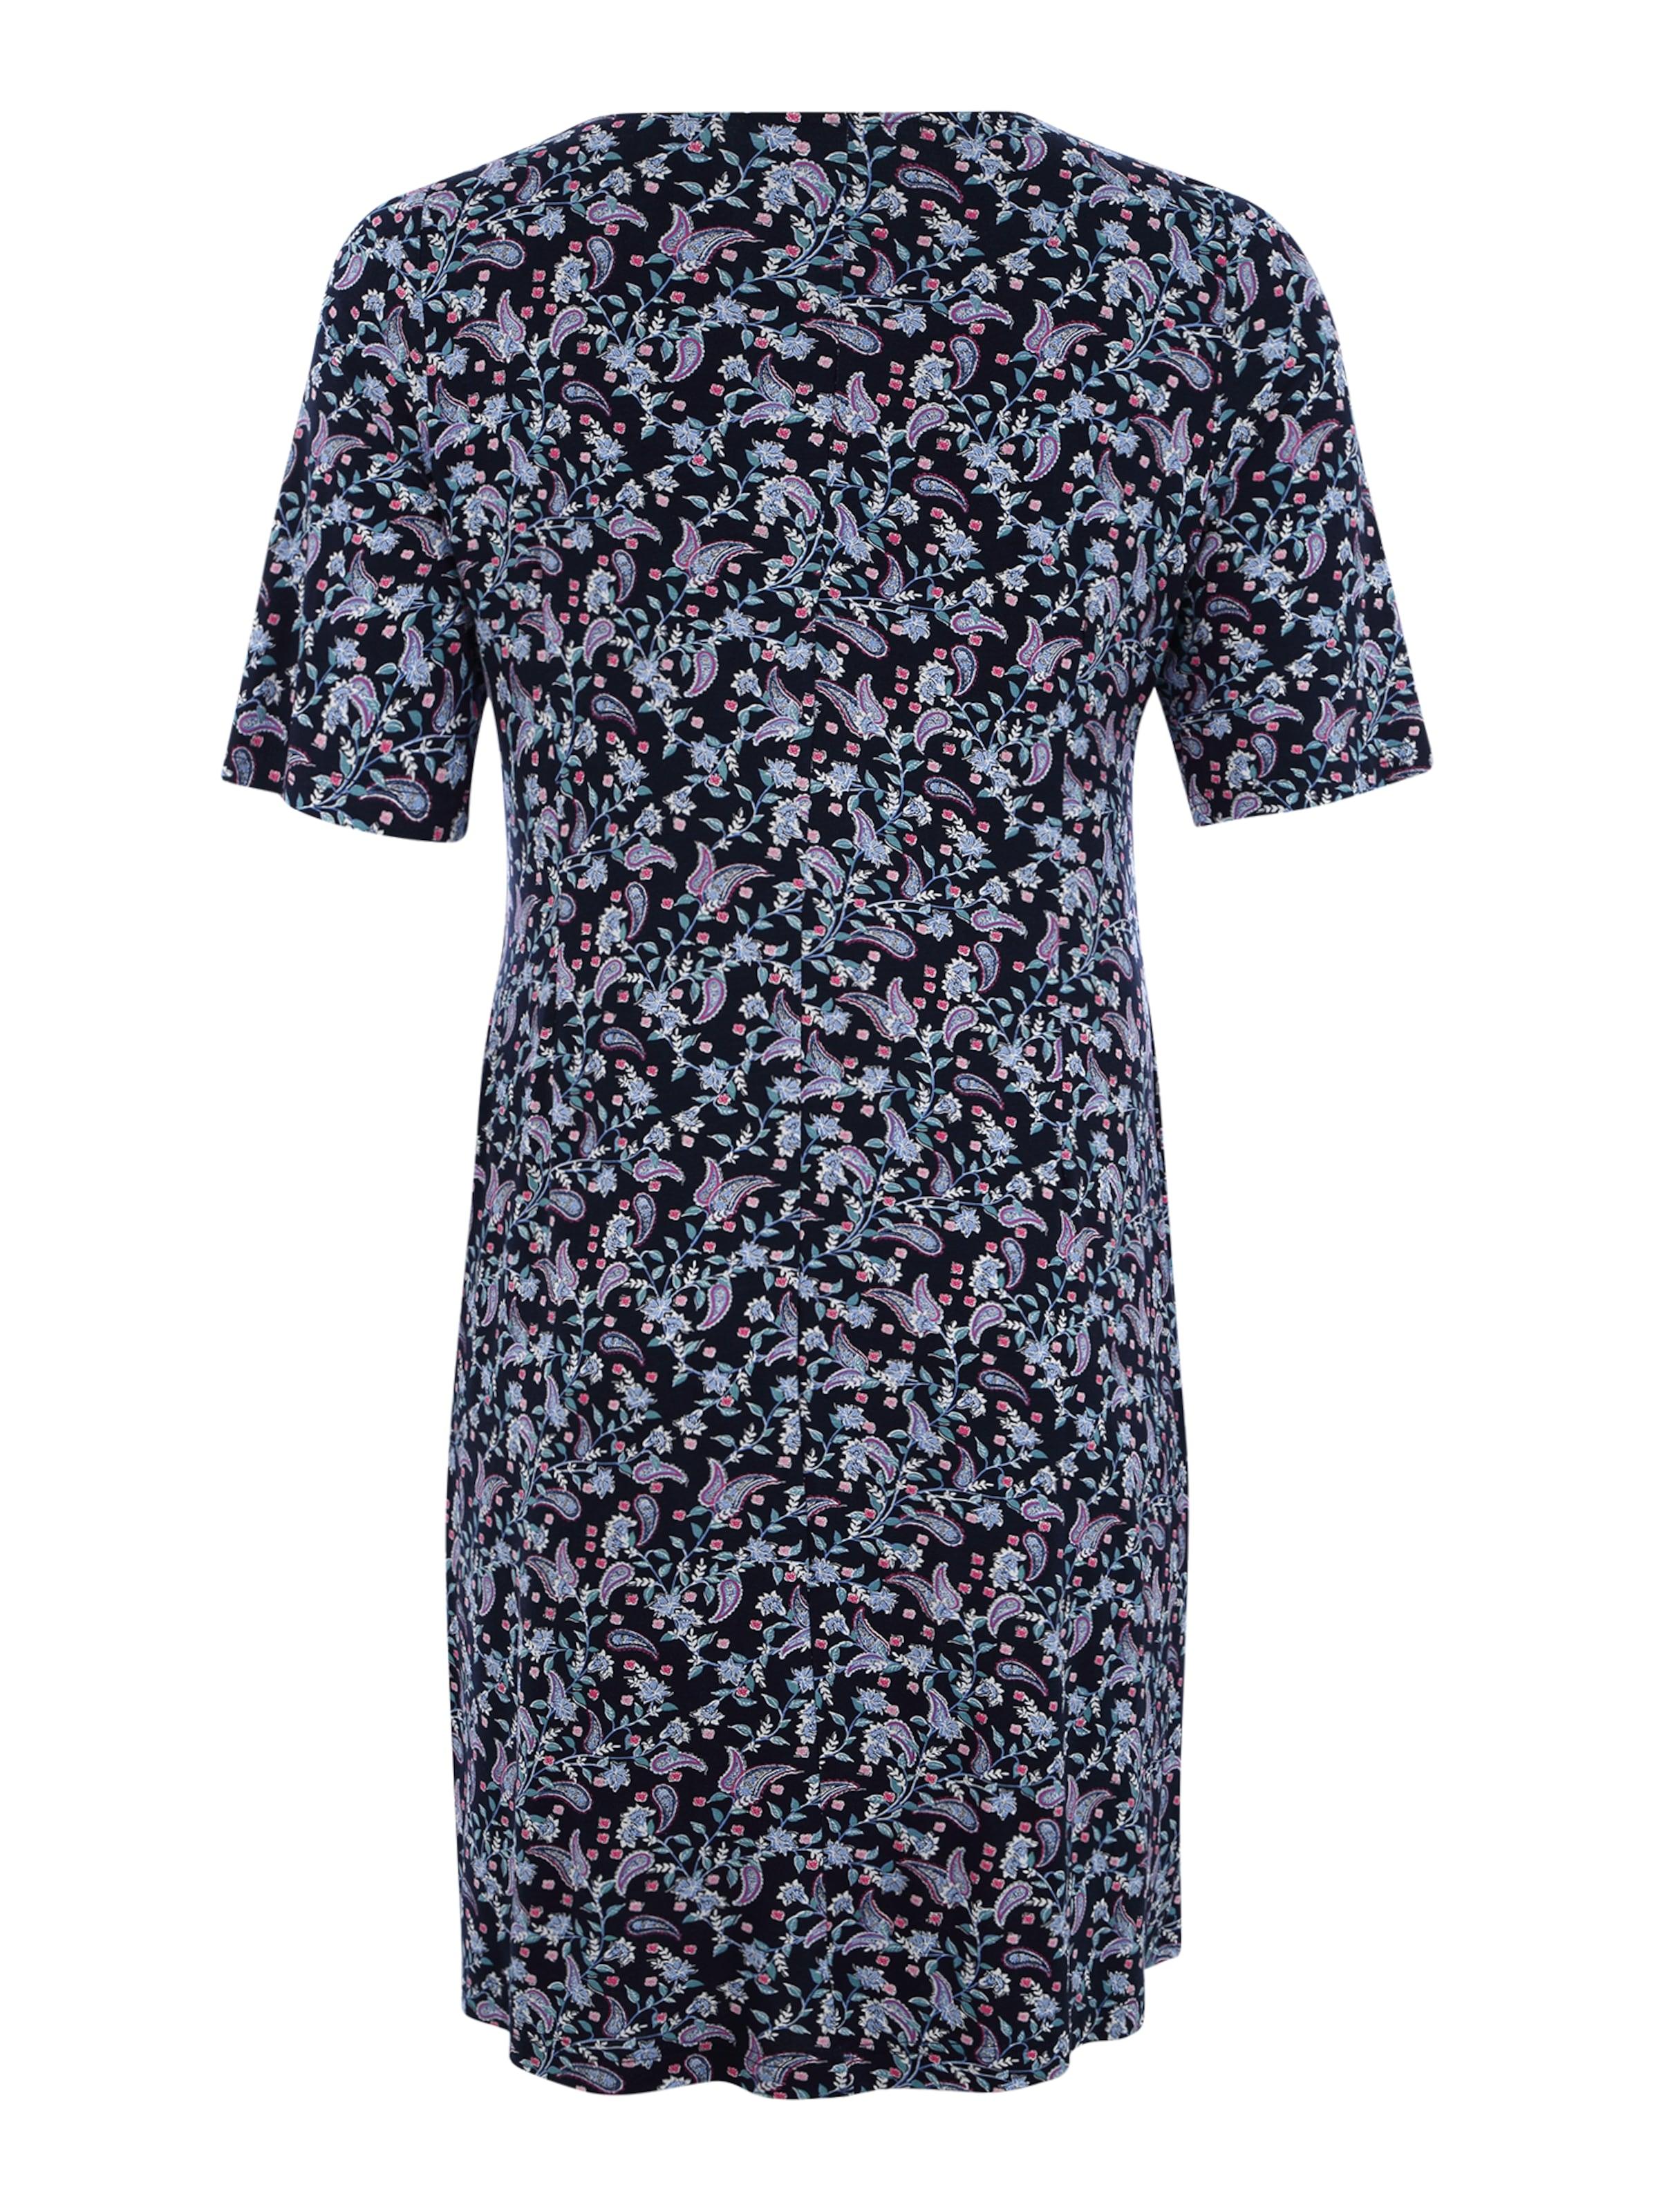 WomenKleid In In Tom WomenKleid Tom Tailor Tailor Tom BlauMischfarben BlauMischfarben WomenKleid Tailor clF1KTJ